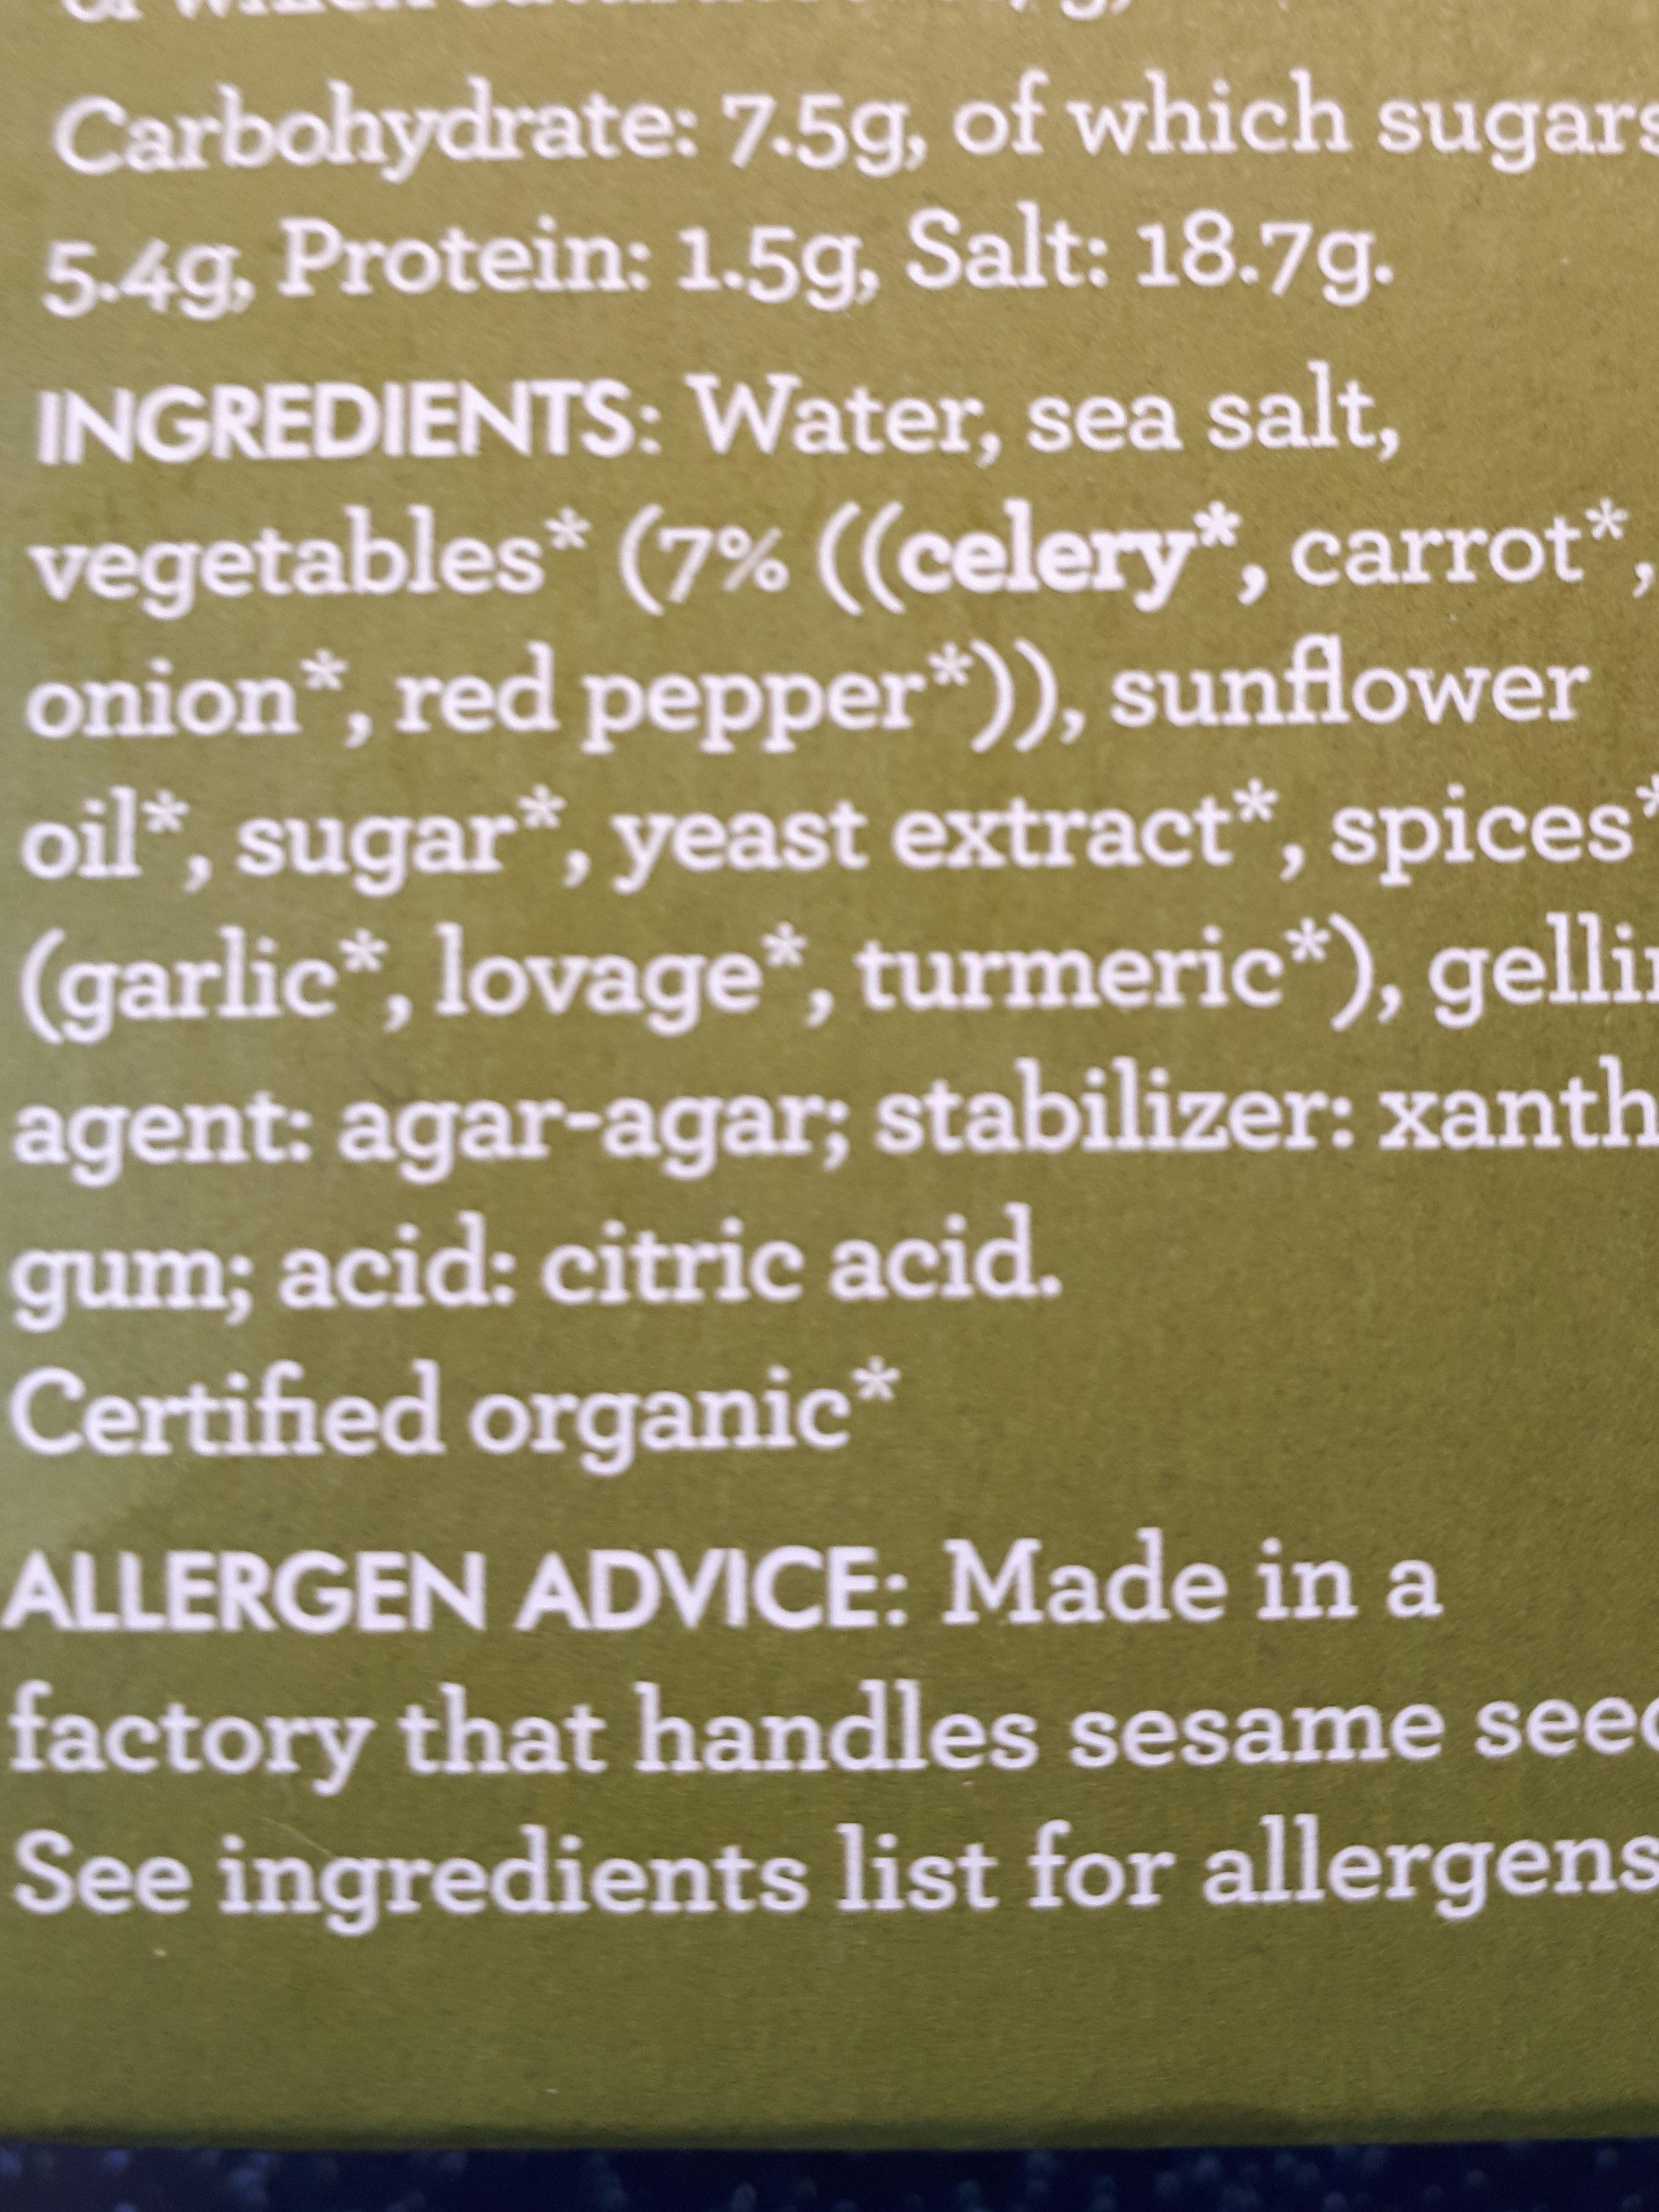 kallo organic vegetable stock pots - Ingredients - en